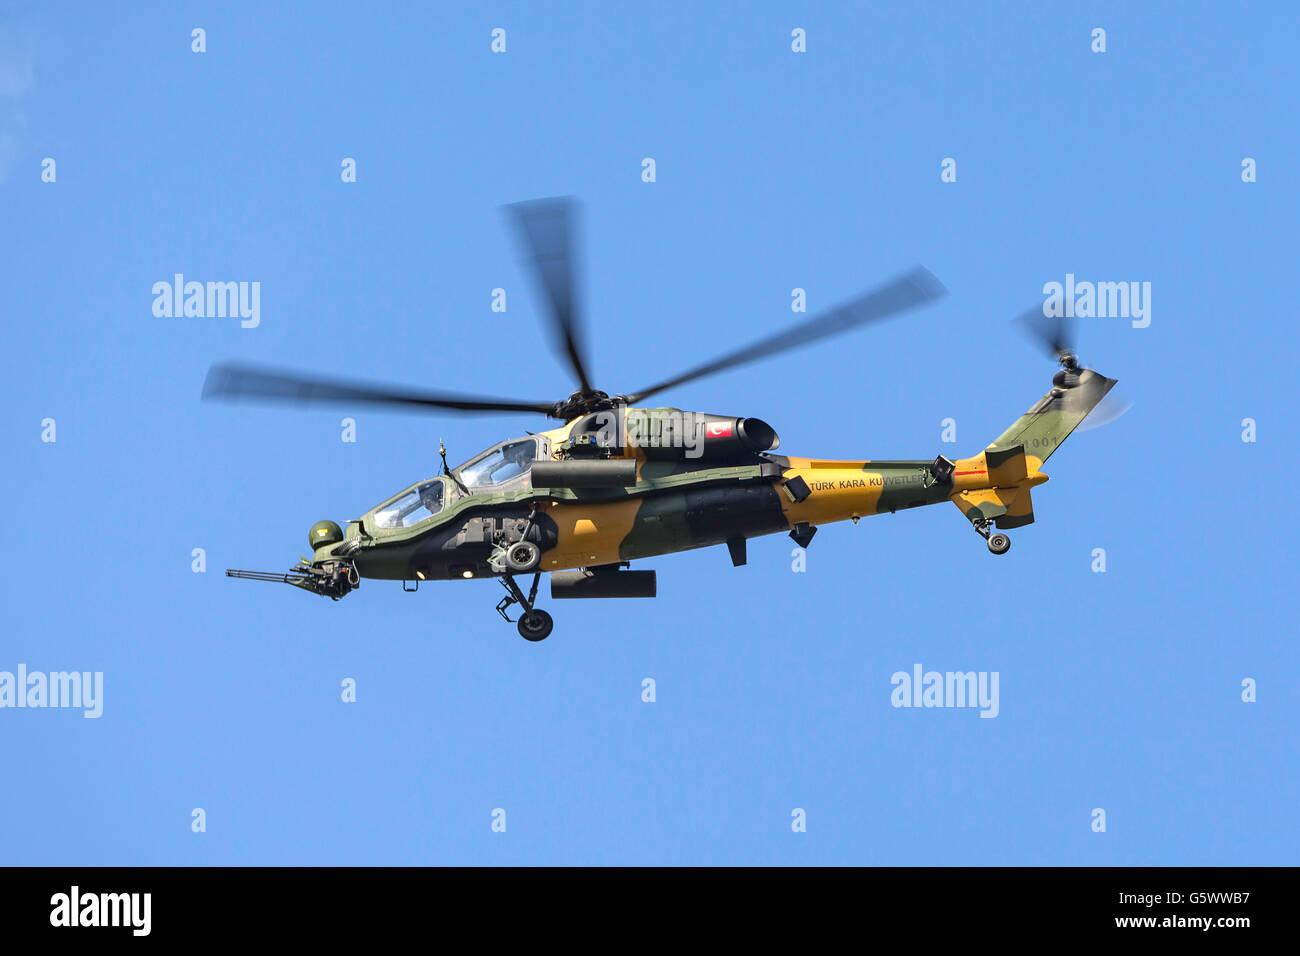 Elicottero T 129 : Esercito turco türk kara kuvvetleri tai agustawestland t129